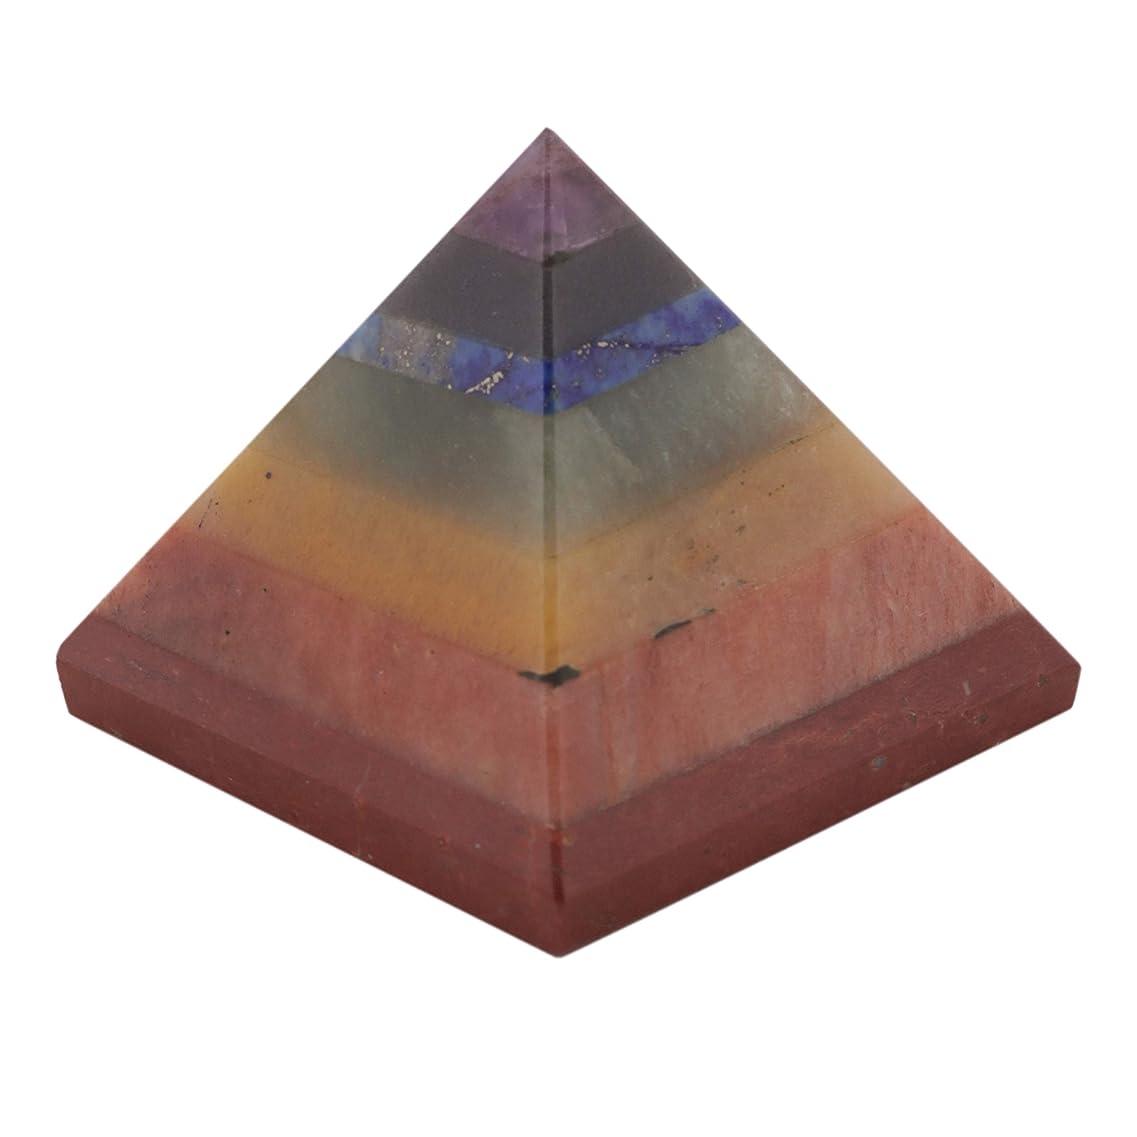 立方体解釈する納屋Healing Crystals India A Single 7 Gemstone Yogic Chakra (Root (Muladhara), Sacral (Swadhisthana), Solar Plexus (Manipura), Heart (Anahata), Throat (Vishuddhi), Third Eye (Ajna), Crown (Sahasrara)) Pyramid 50 mm Natural Seven Chakra Bonded Pyramid Amethyst-Blue Aventurine-Lapis Lazuli-Green AVenturine-Yellow Aventurine-Carnelian-Red Jasper by Healing Crystals India